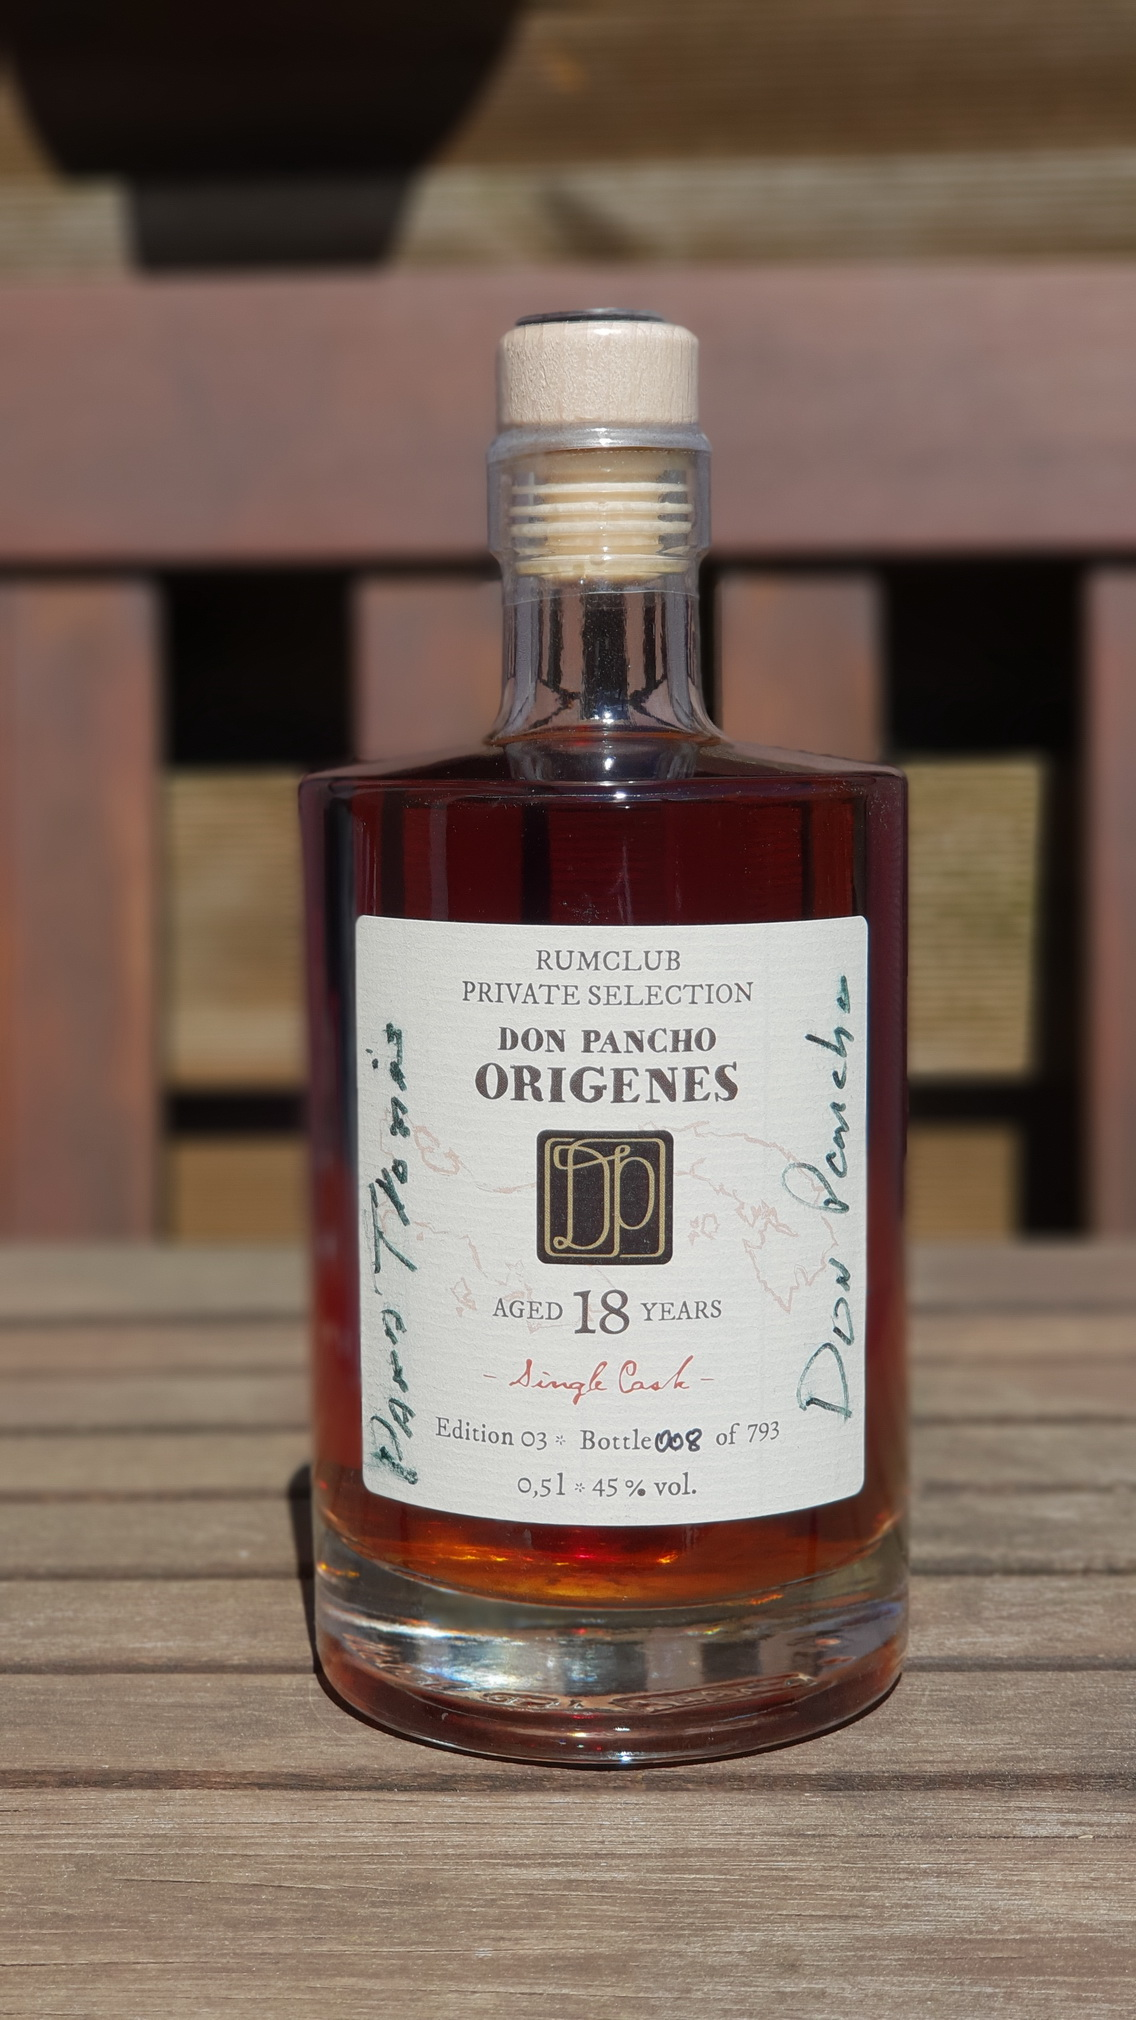 Private Rumclub Selection – Don Pancho Origines 18 JahreEdition 03, Flasche Nr. 008 von 793.2017 mit der persönlichen Unterschrift von Don Pancho.